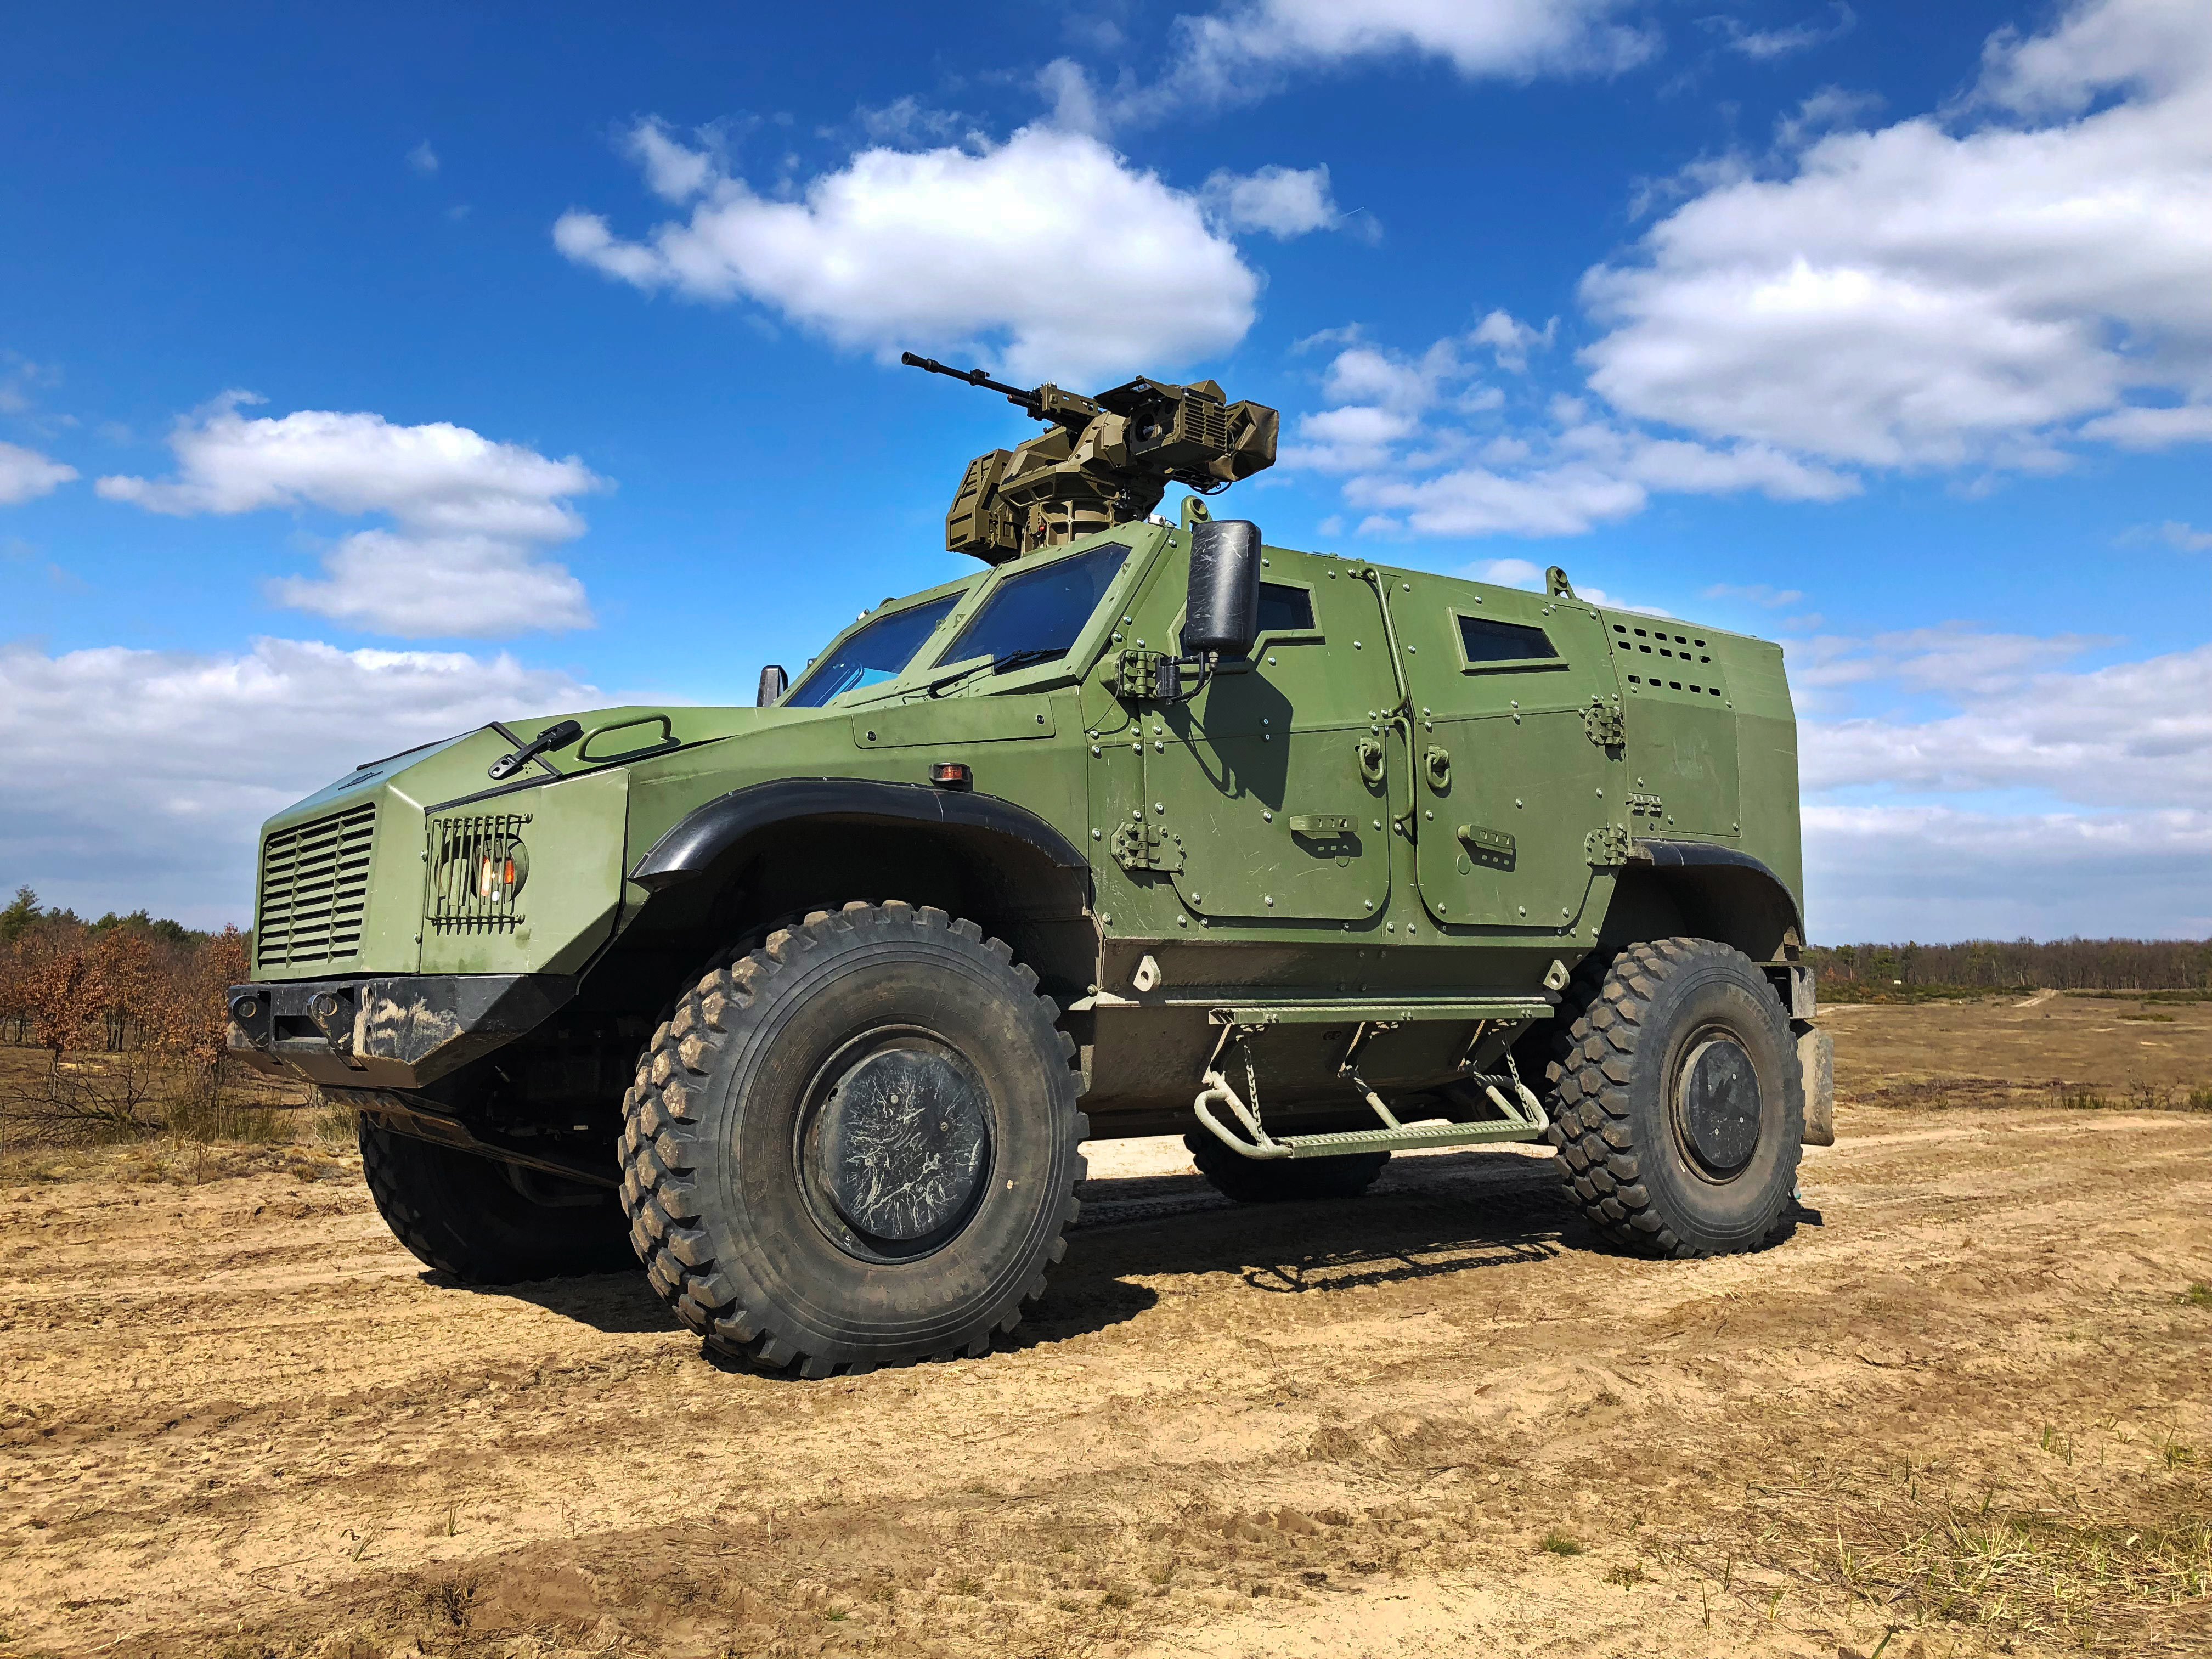 zetor-gerlach-armoured-vehicle-4x4-desert-outside